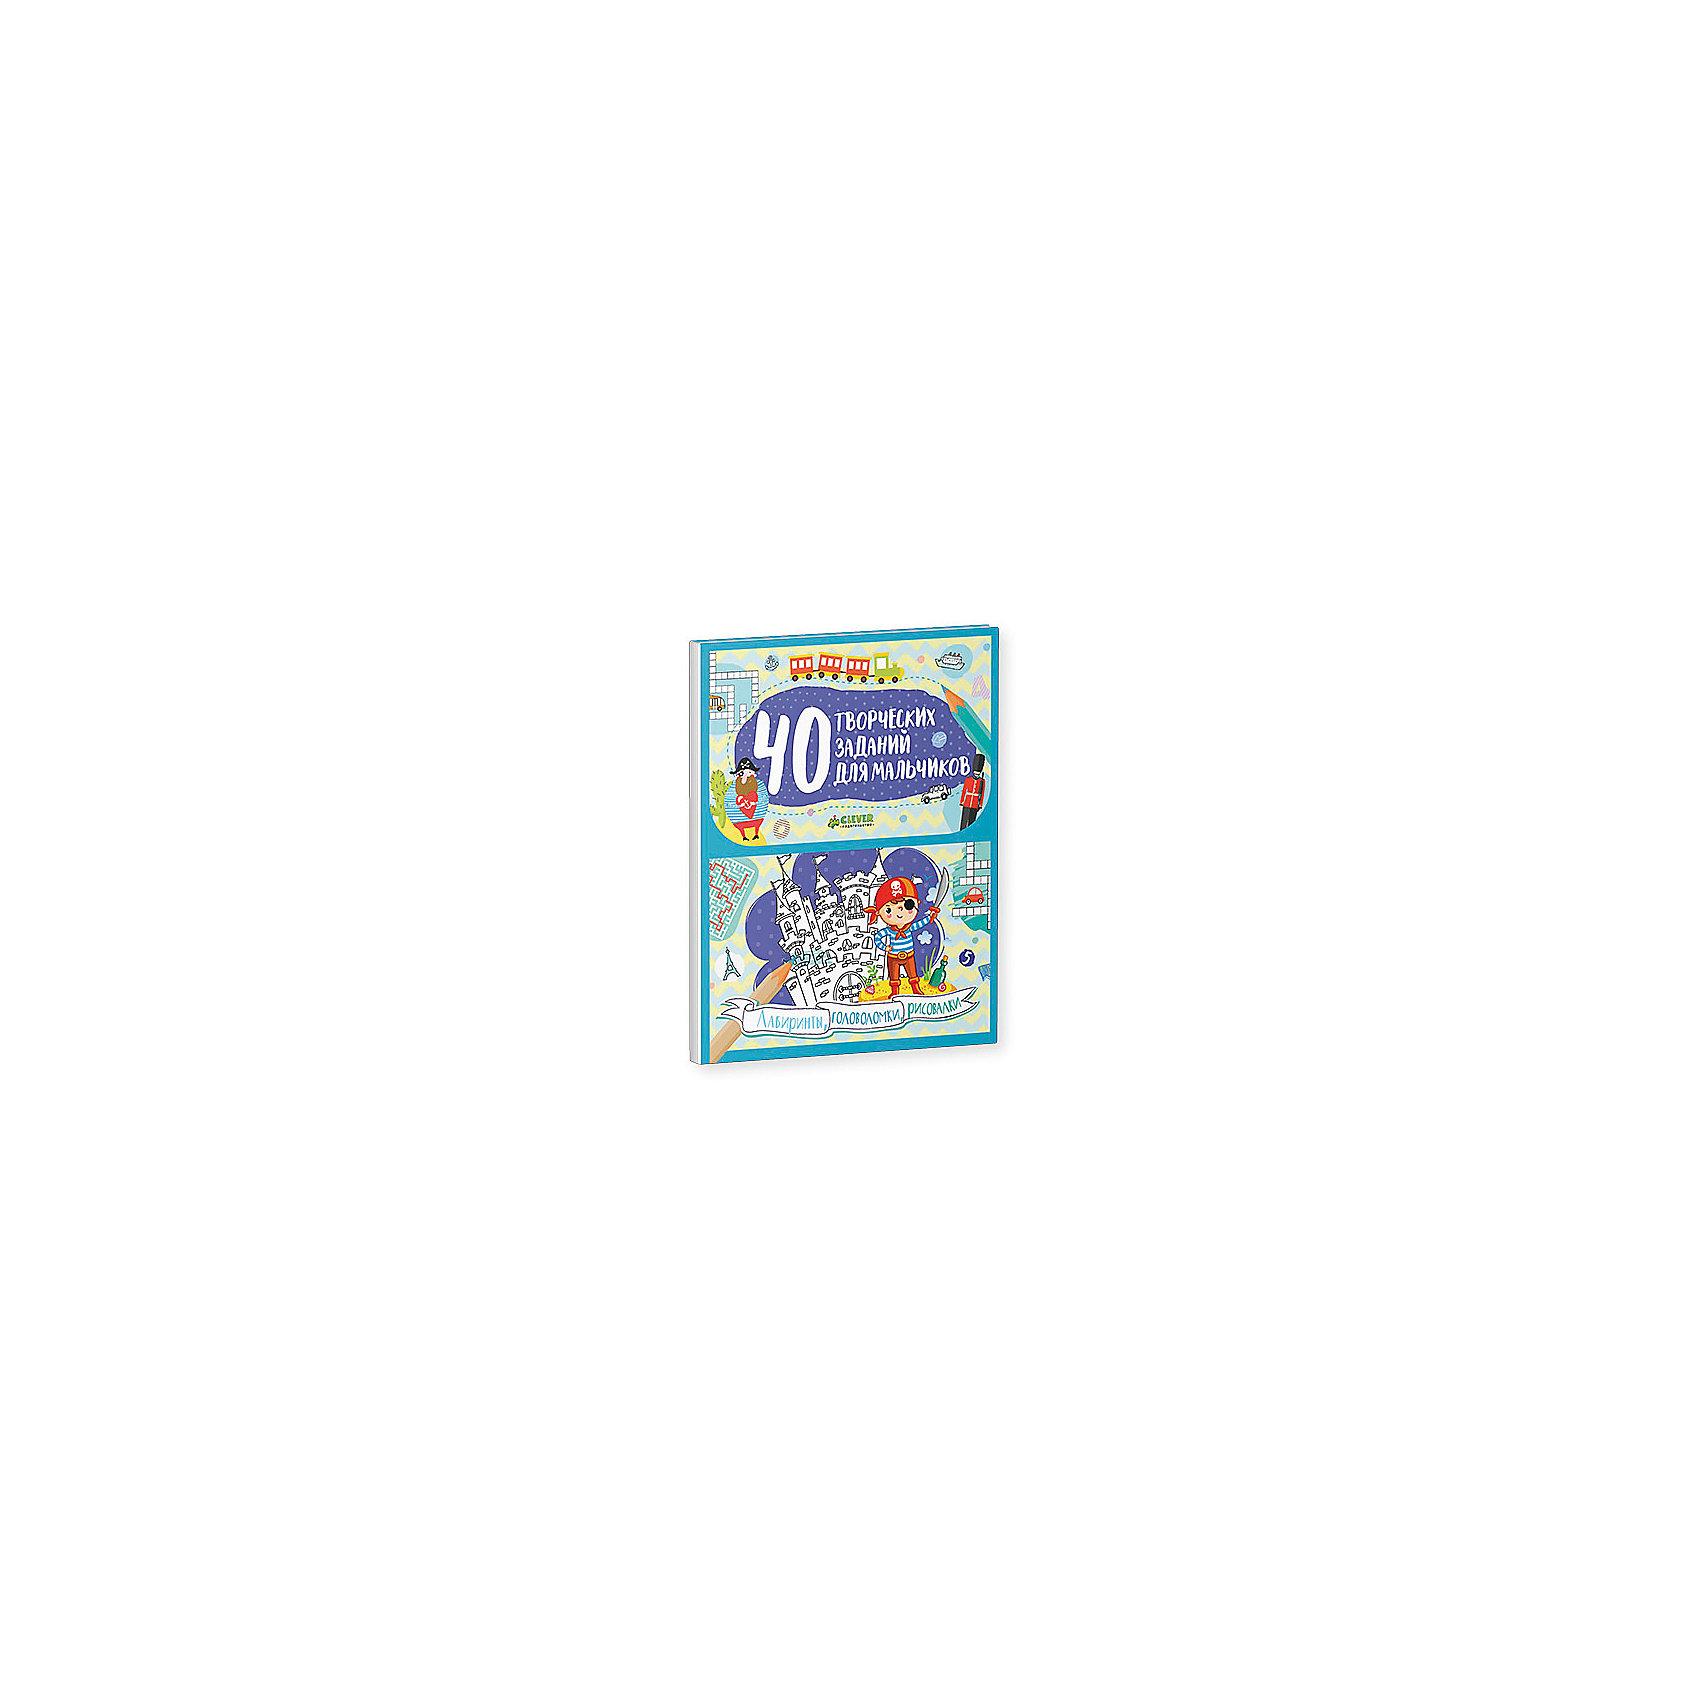 40 творческих заданий для мальчиков, Лабиринты, головоломки и рисовалкиCLEVER (КЛЕВЕР)<br>Характеристики 40 творческих заданий для мальчиков:<br><br>• возраст: от 4 лет<br>• пол: для мальчиков<br>• материал: картон, бумага.<br>• количество страниц: 80.<br>• размер книги: 18.6х14.4 см.<br>• тип обложки: твердый.<br>• иллюстрации: цветные.<br>• бренд: издательство Clever<br>• автор: Попова Е.<br>• страна обладатель бренда: Россия.<br><br>Эти здания увлекут Вашего ребёнка не на один час! Раскраски, игры найди и покажи, найди отличия, лабиринты, кроссворды, головоломки. Играй, рисуй, фантазируй, развивай логику и мышление всей семьёй! Книжка закрывается на липучку.<br><br>40 творческих заданий для мальчиков, лабиринты, головоломки и рисовалки издательства Clever можно купить в нашем интернет-магазине.<br><br>Ширина мм: 186<br>Глубина мм: 144<br>Высота мм: 5<br>Вес г: 162<br>Возраст от месяцев: 48<br>Возраст до месяцев: 72<br>Пол: Мужской<br>Возраст: Детский<br>SKU: 5377842